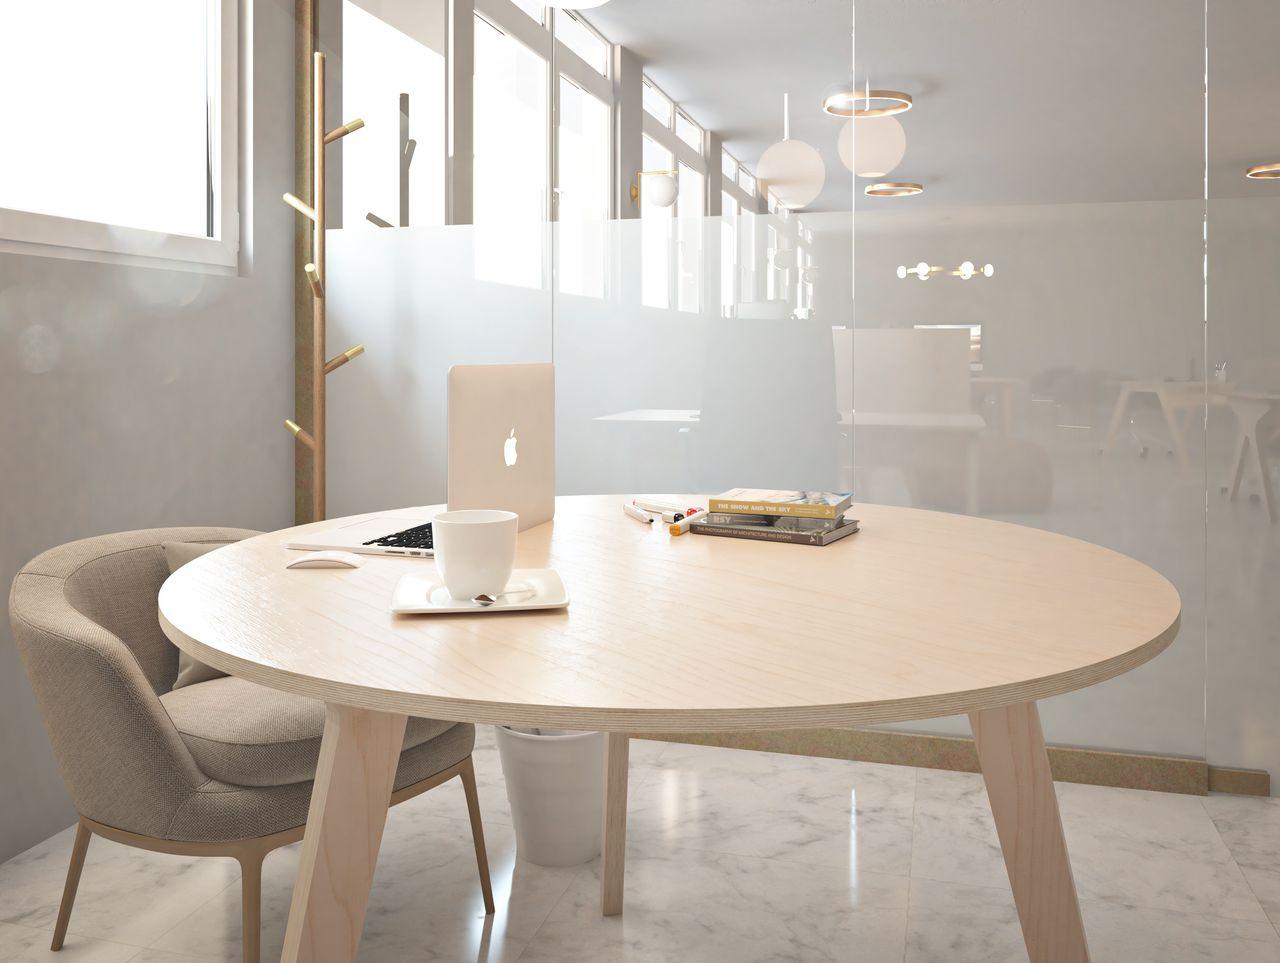 table de réunion design dans un espace informel au style contemporain avec une verrière et des luminaires et un porte manteau moderne de couleur dorée